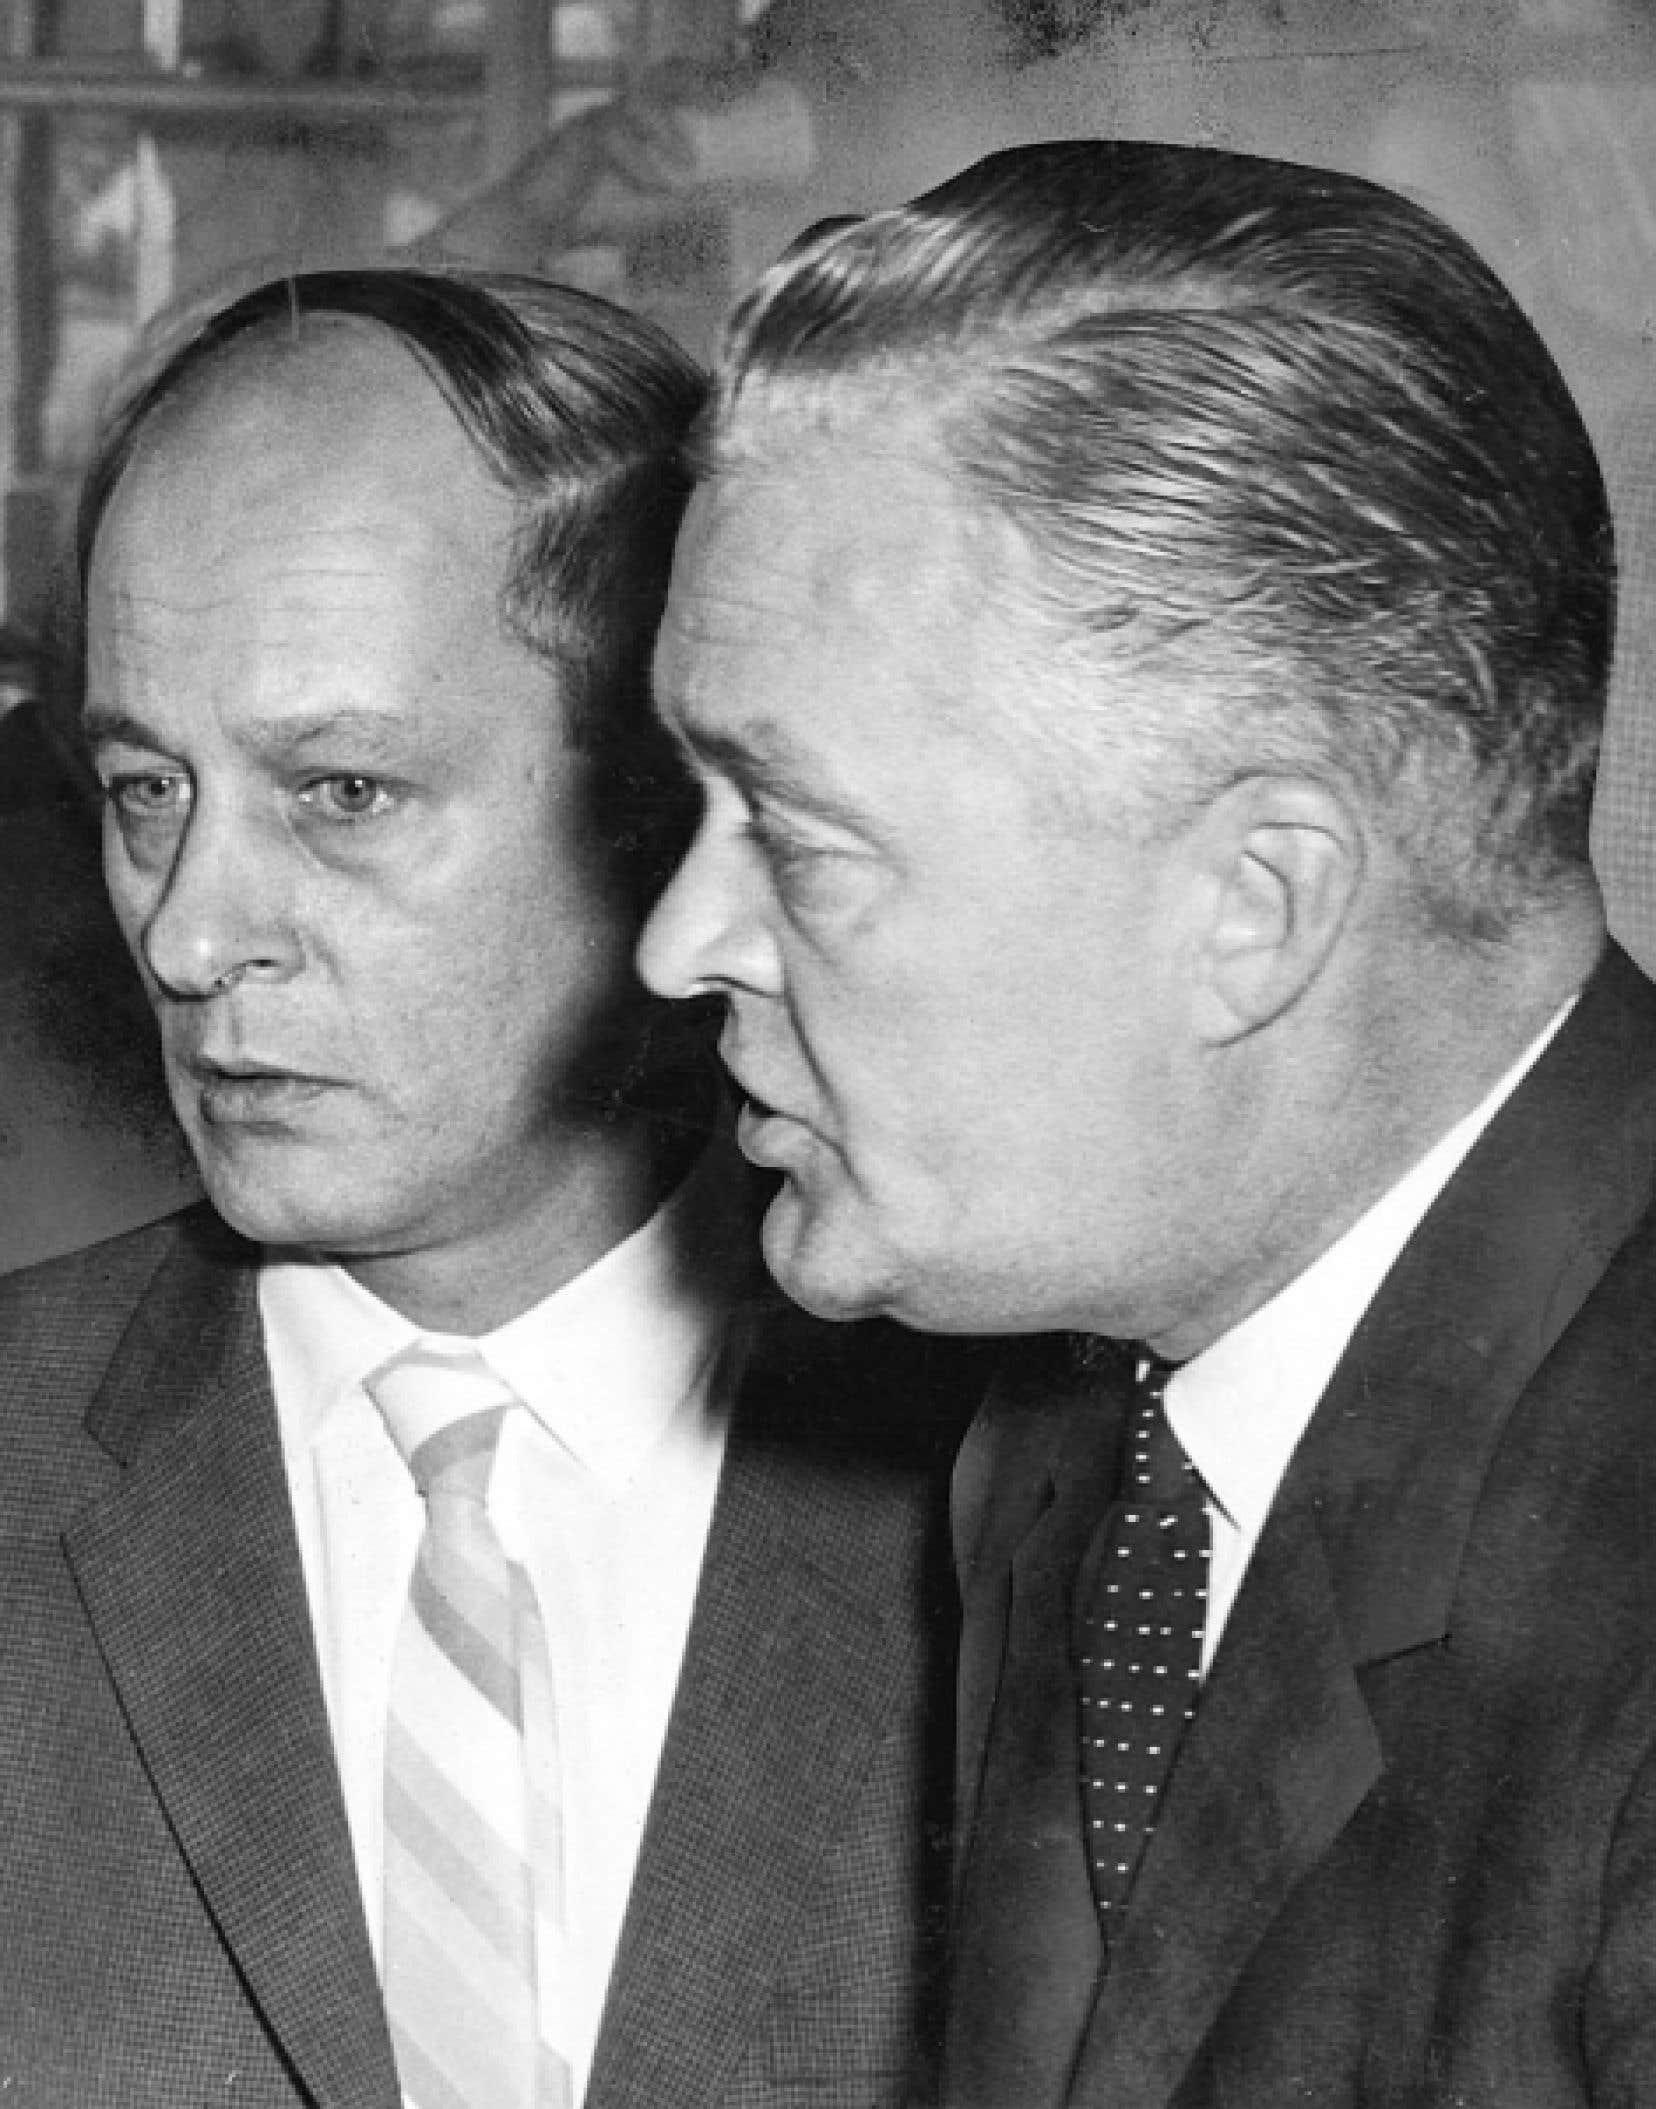 René Lévesque et Jean Lesage photographiés en 1962